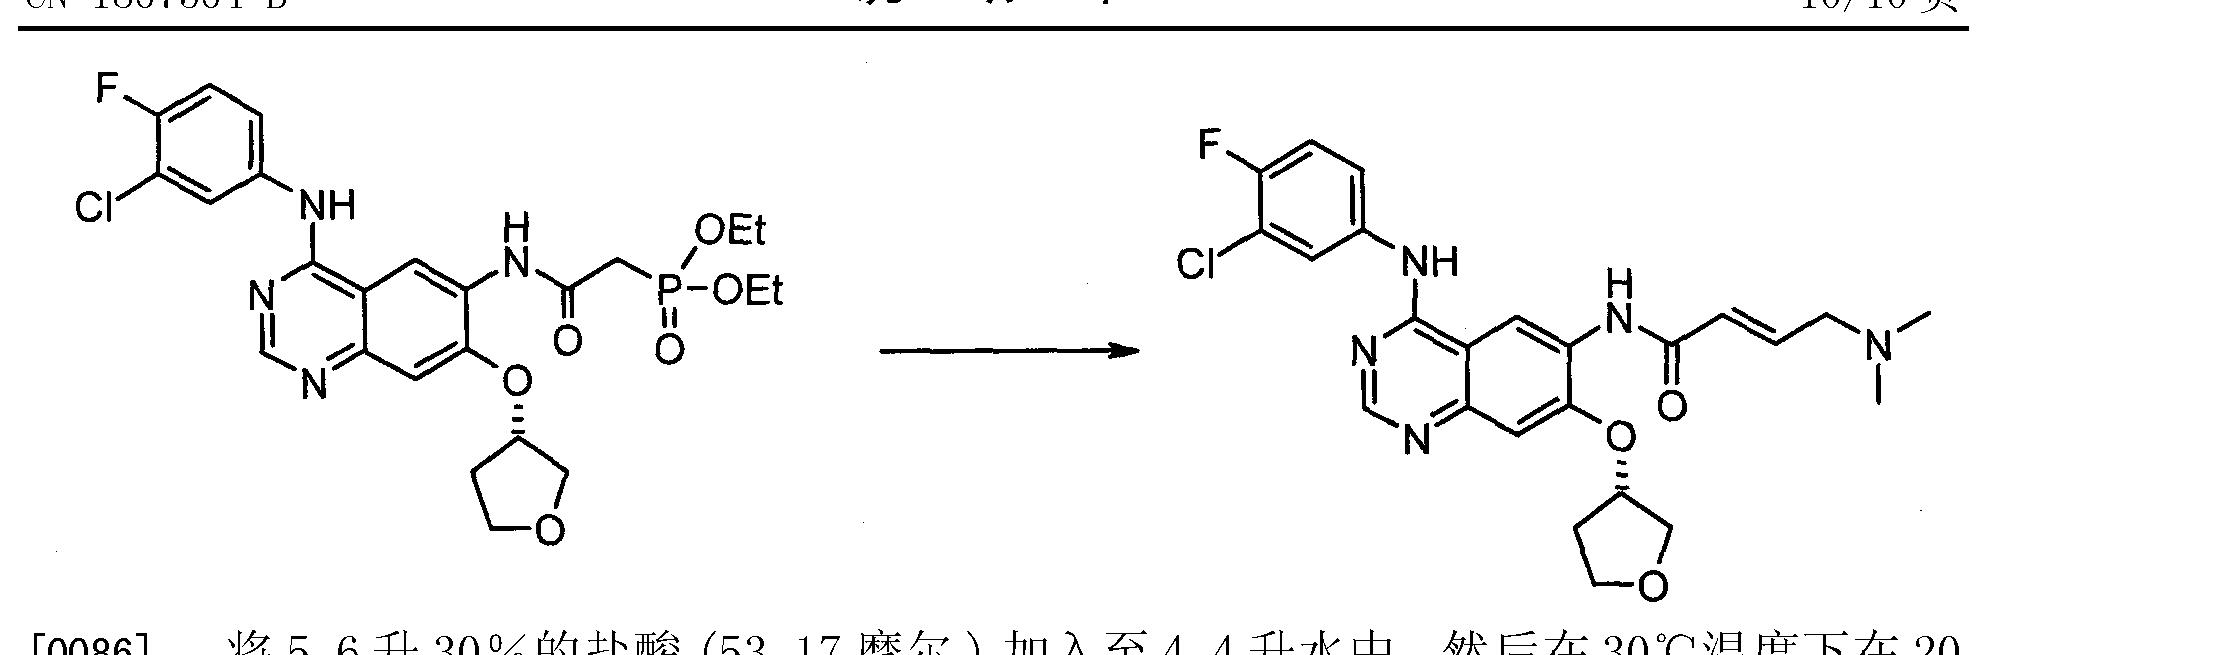 Figure CN1867564BD00131